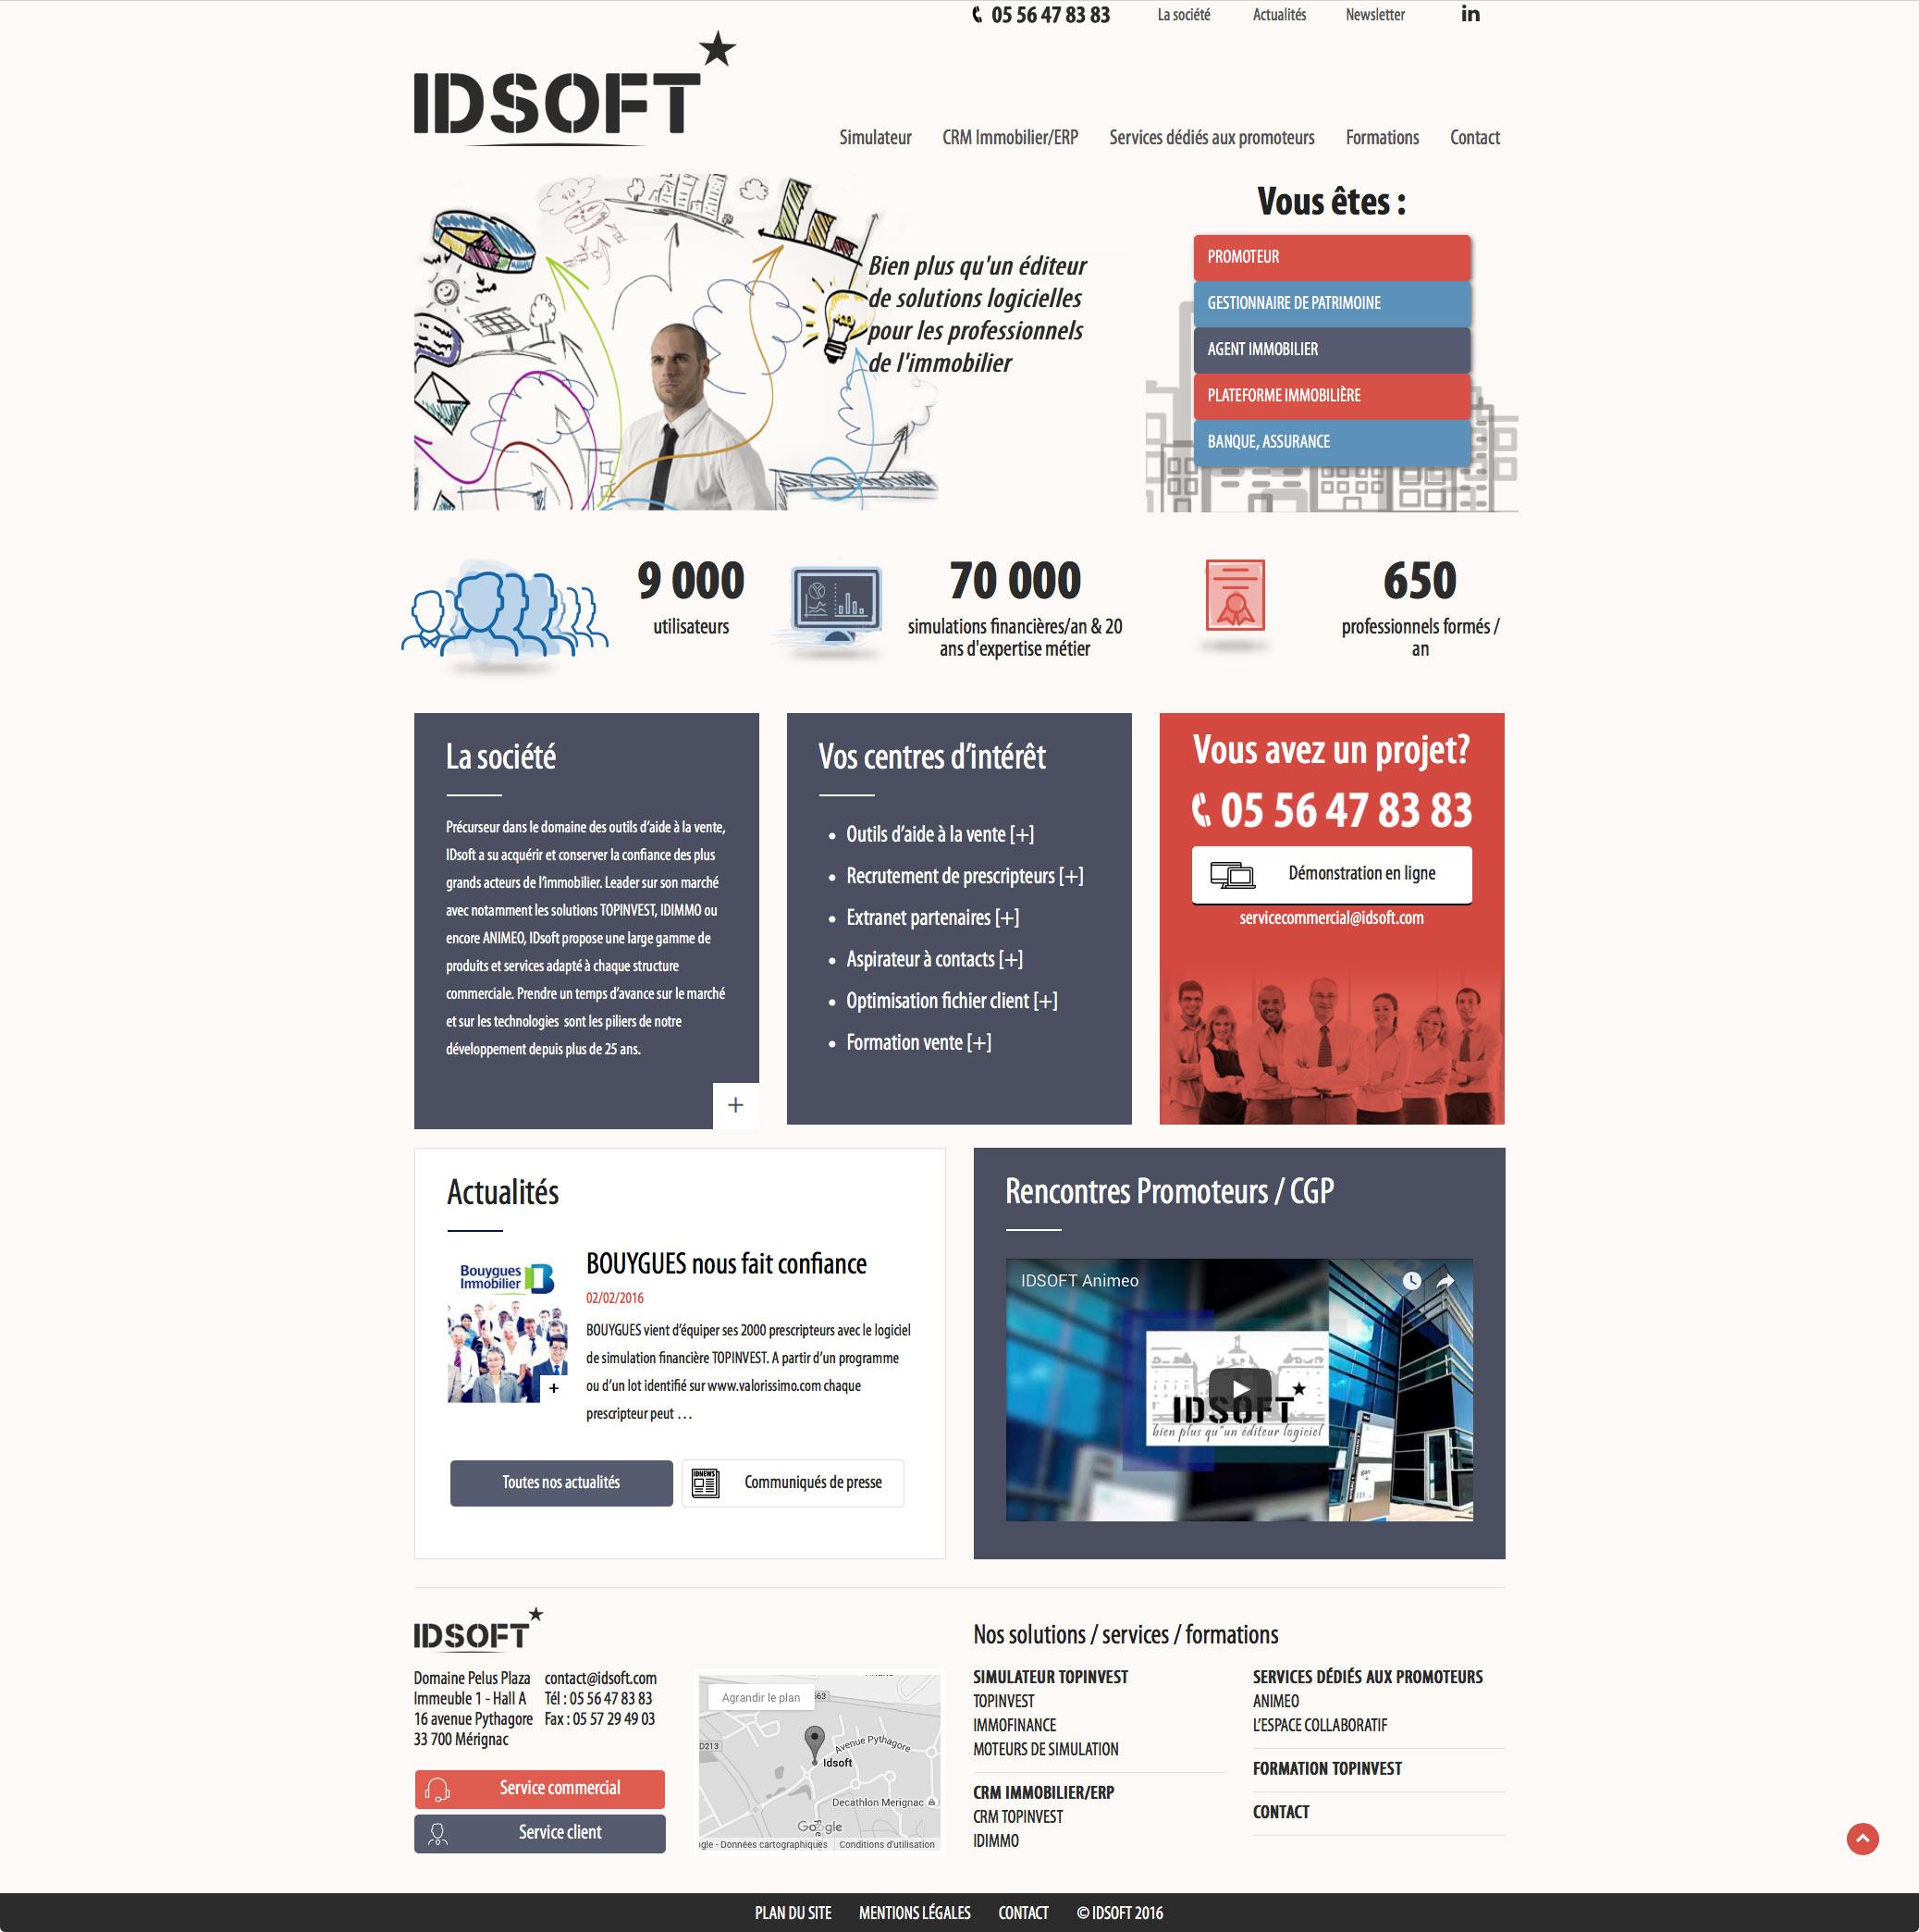 IDSOFT : nouveau site internet pour IDSOFT, éditeur de solutions logicielles pour les professionnels de l'immobilier.